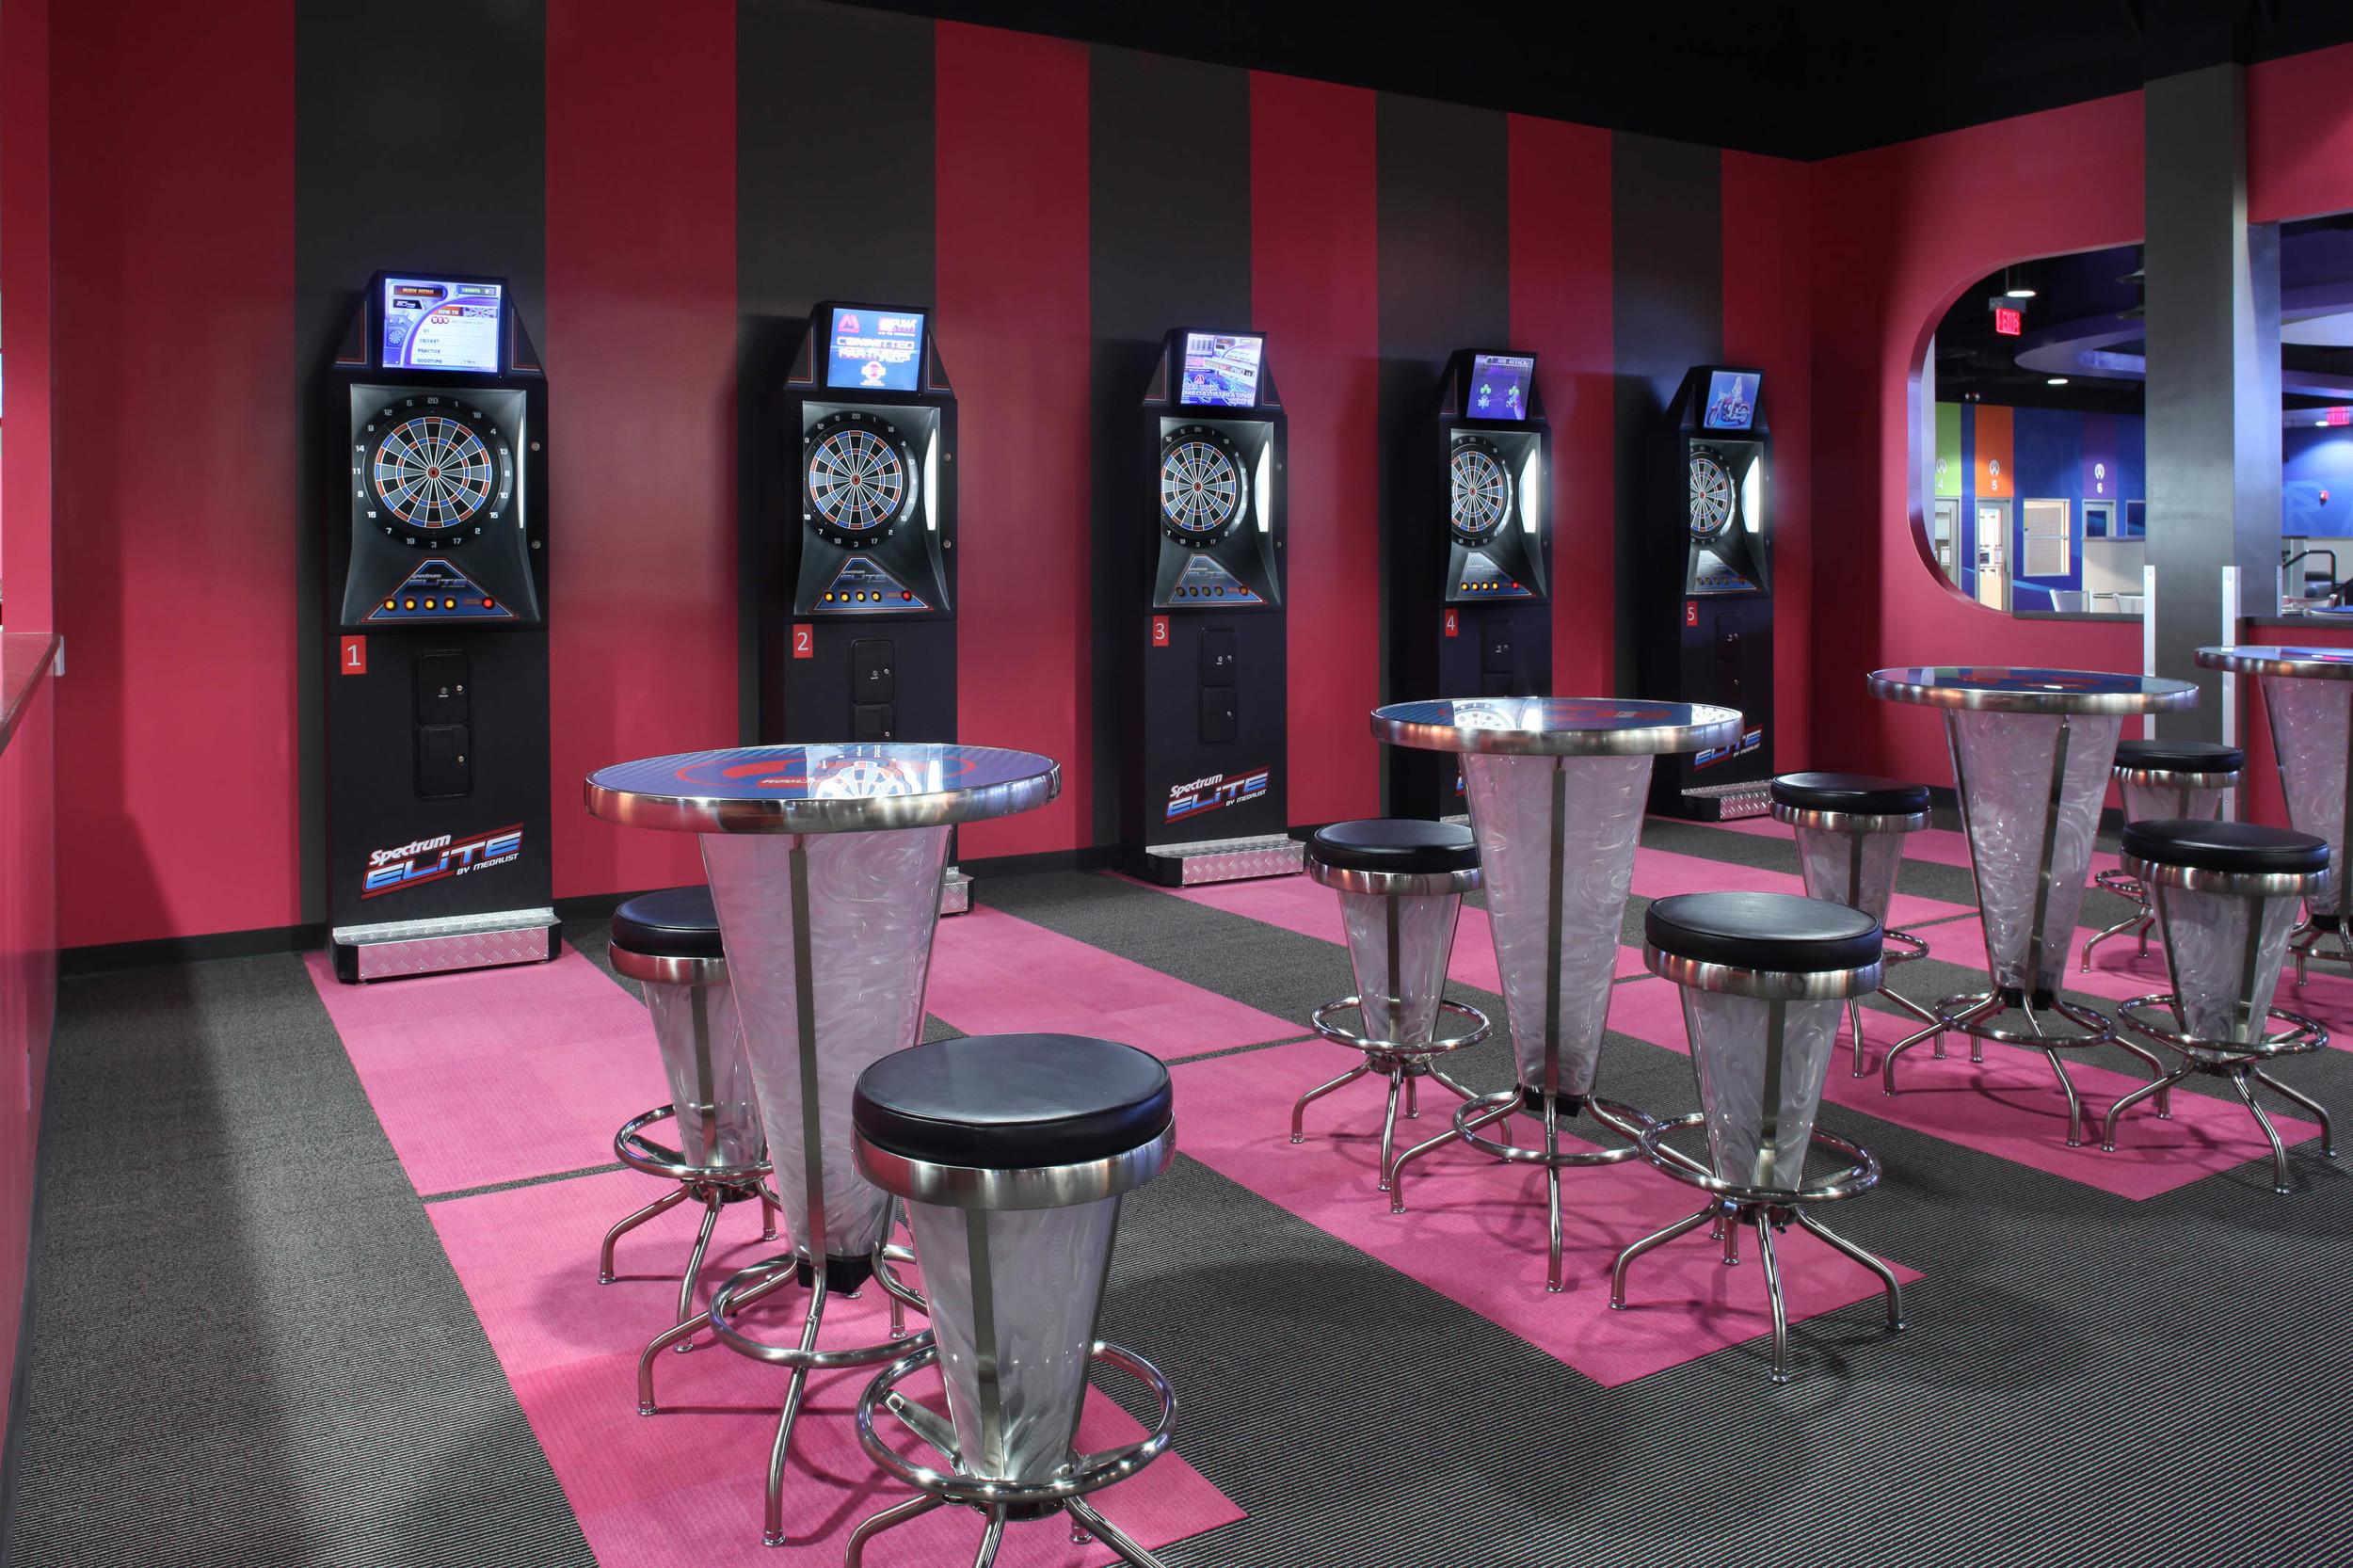 round1 Bowling & Amusement Darts